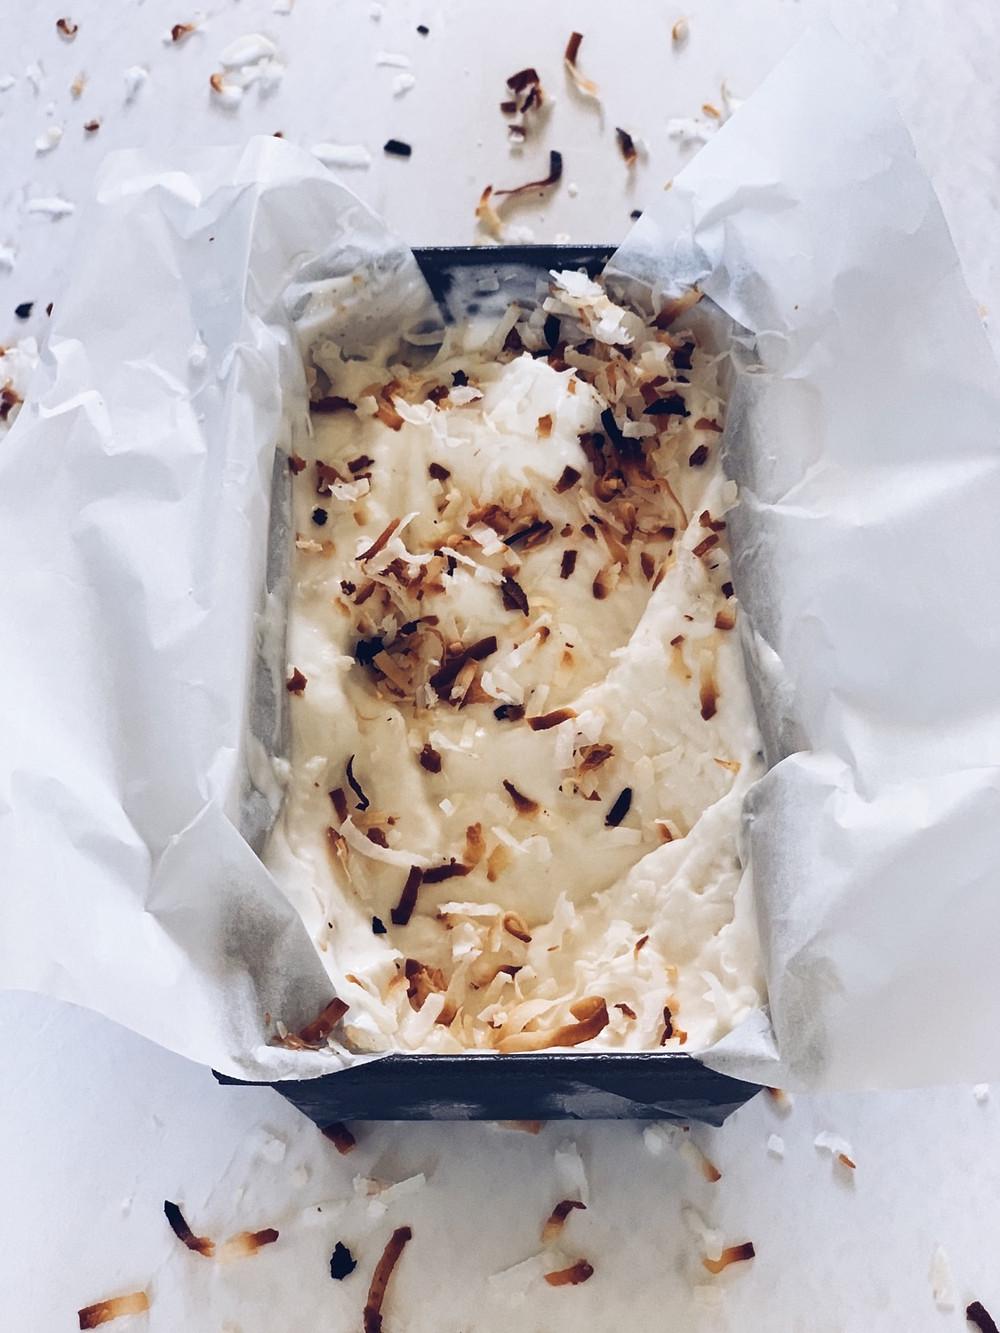 Coconut rum ice cream